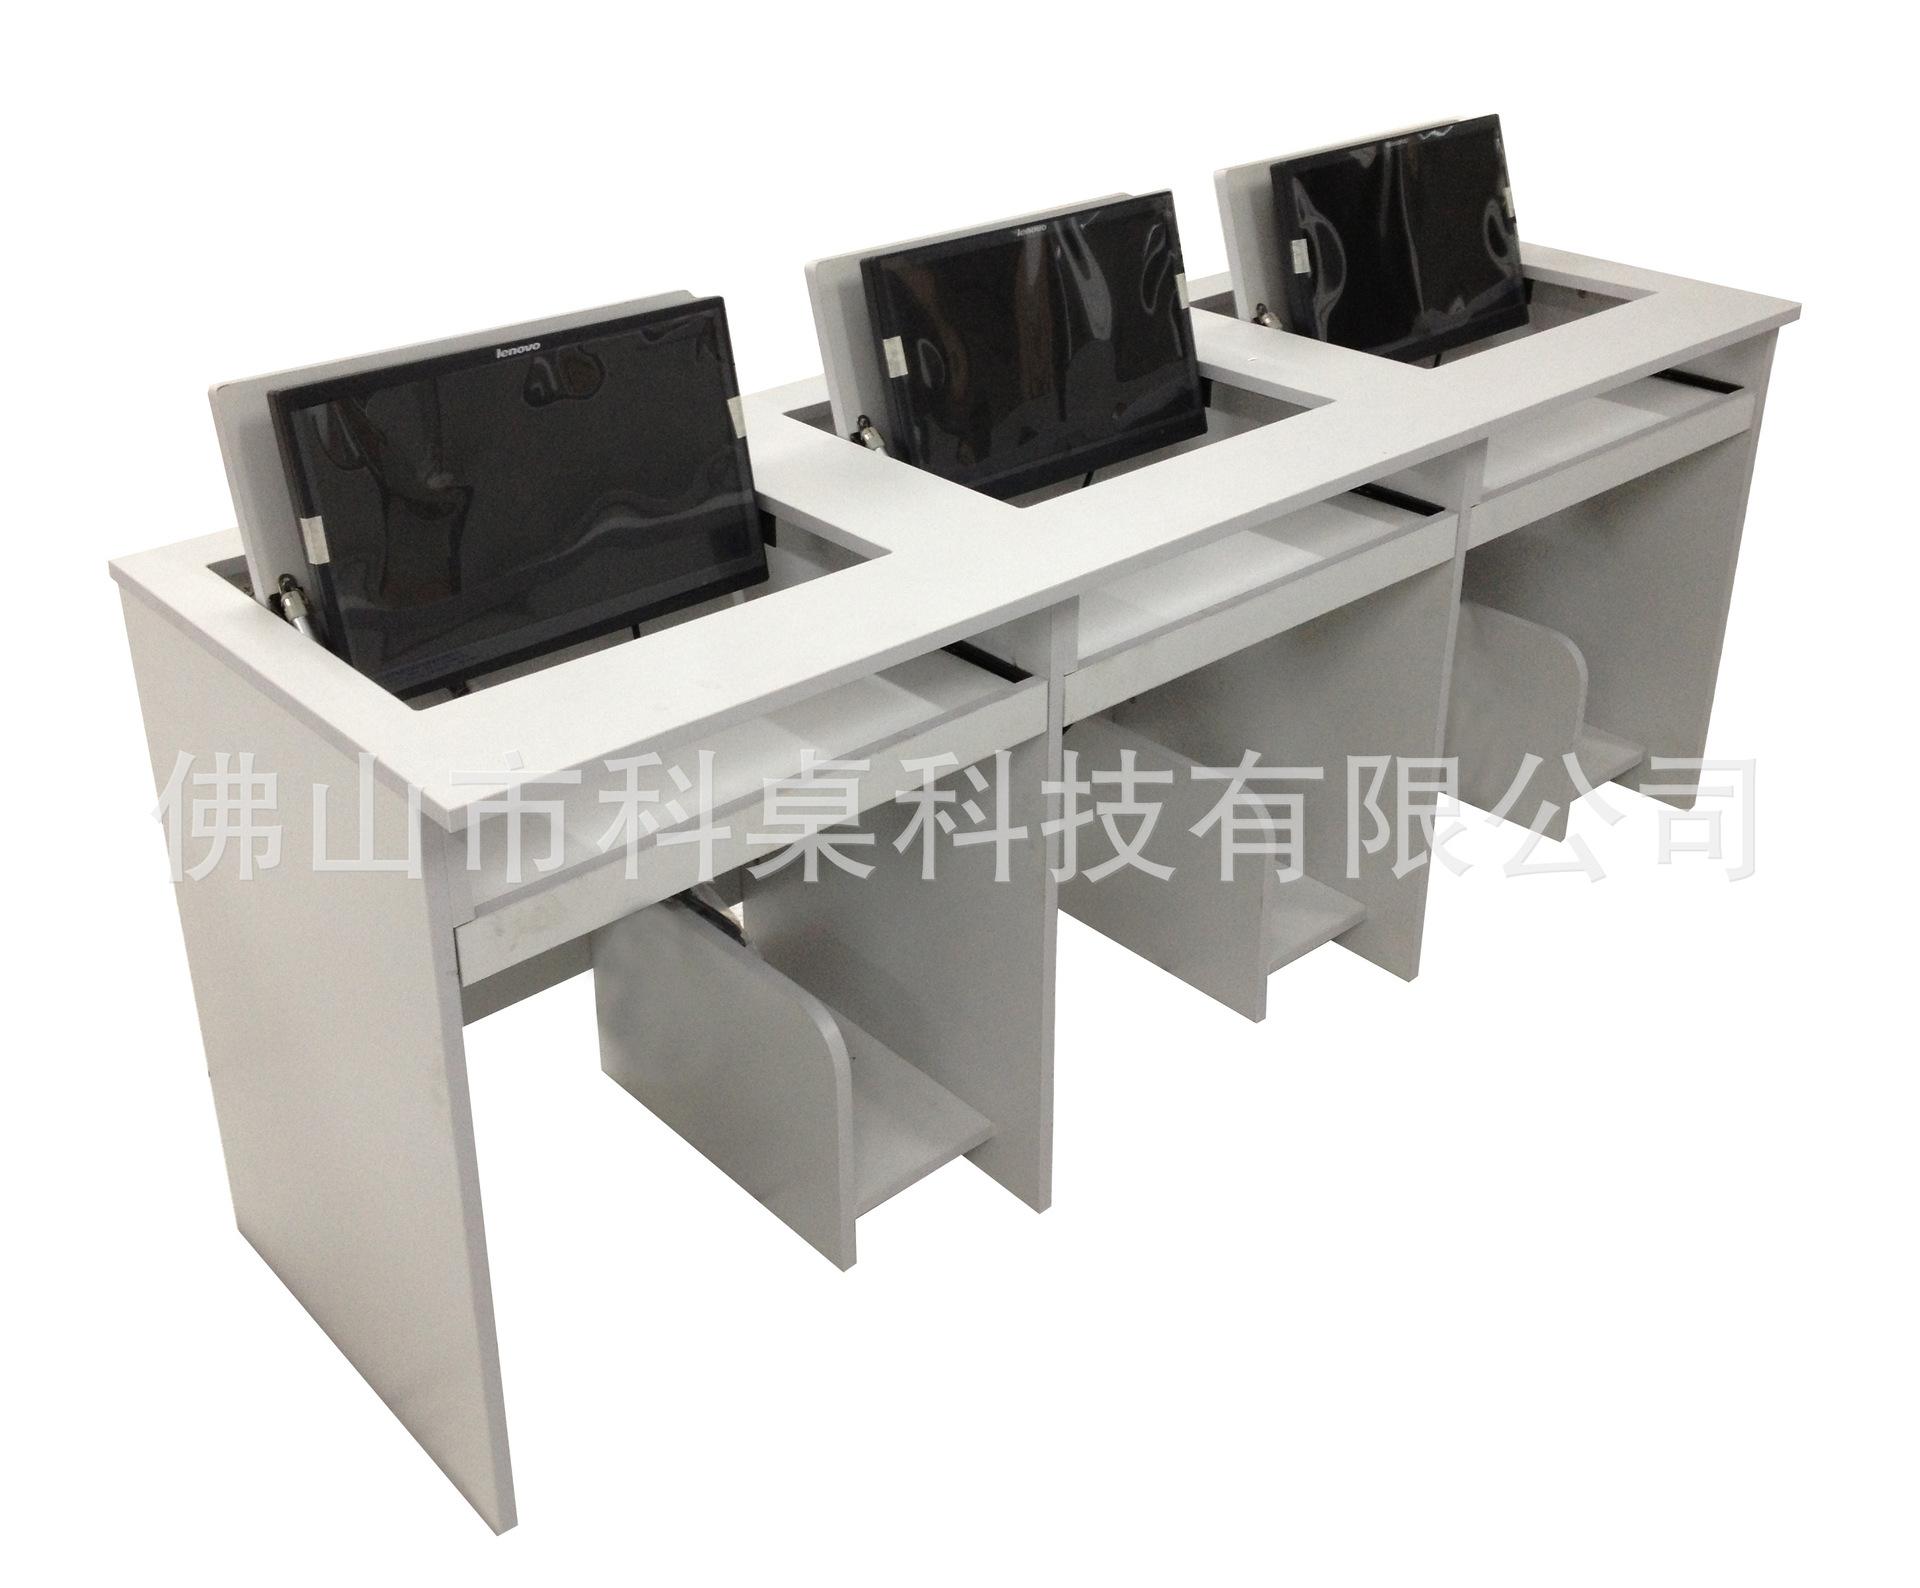 科桌专业生产液晶屏电脑翻转桌学校机房培训室电脑桌翻盖桌面三人